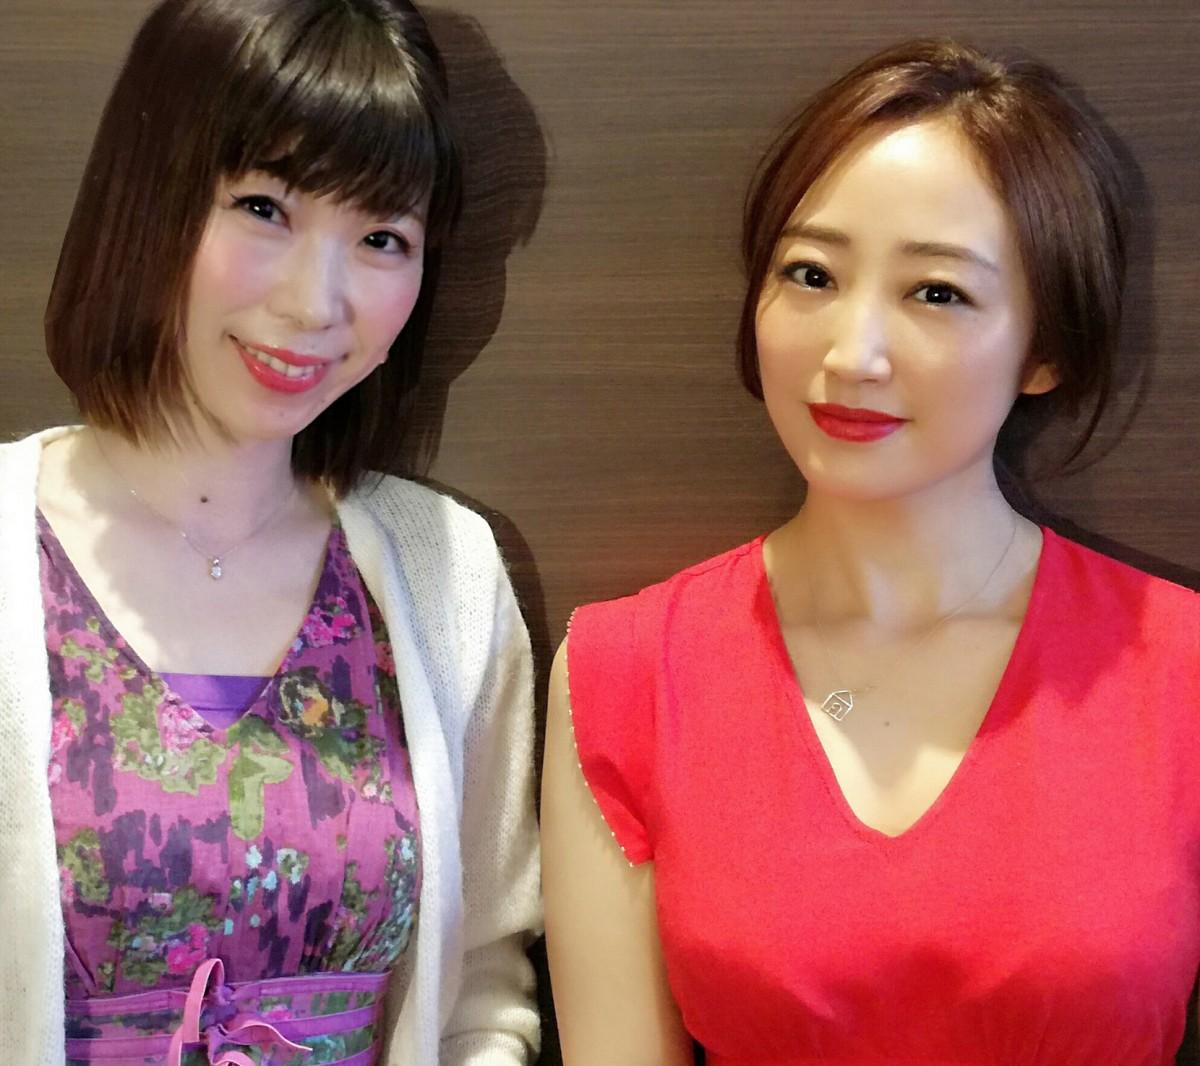 神崎恵 Beauty Lesson ランチ付きトークイベント【ココンシュペール】愛され美髪に♡